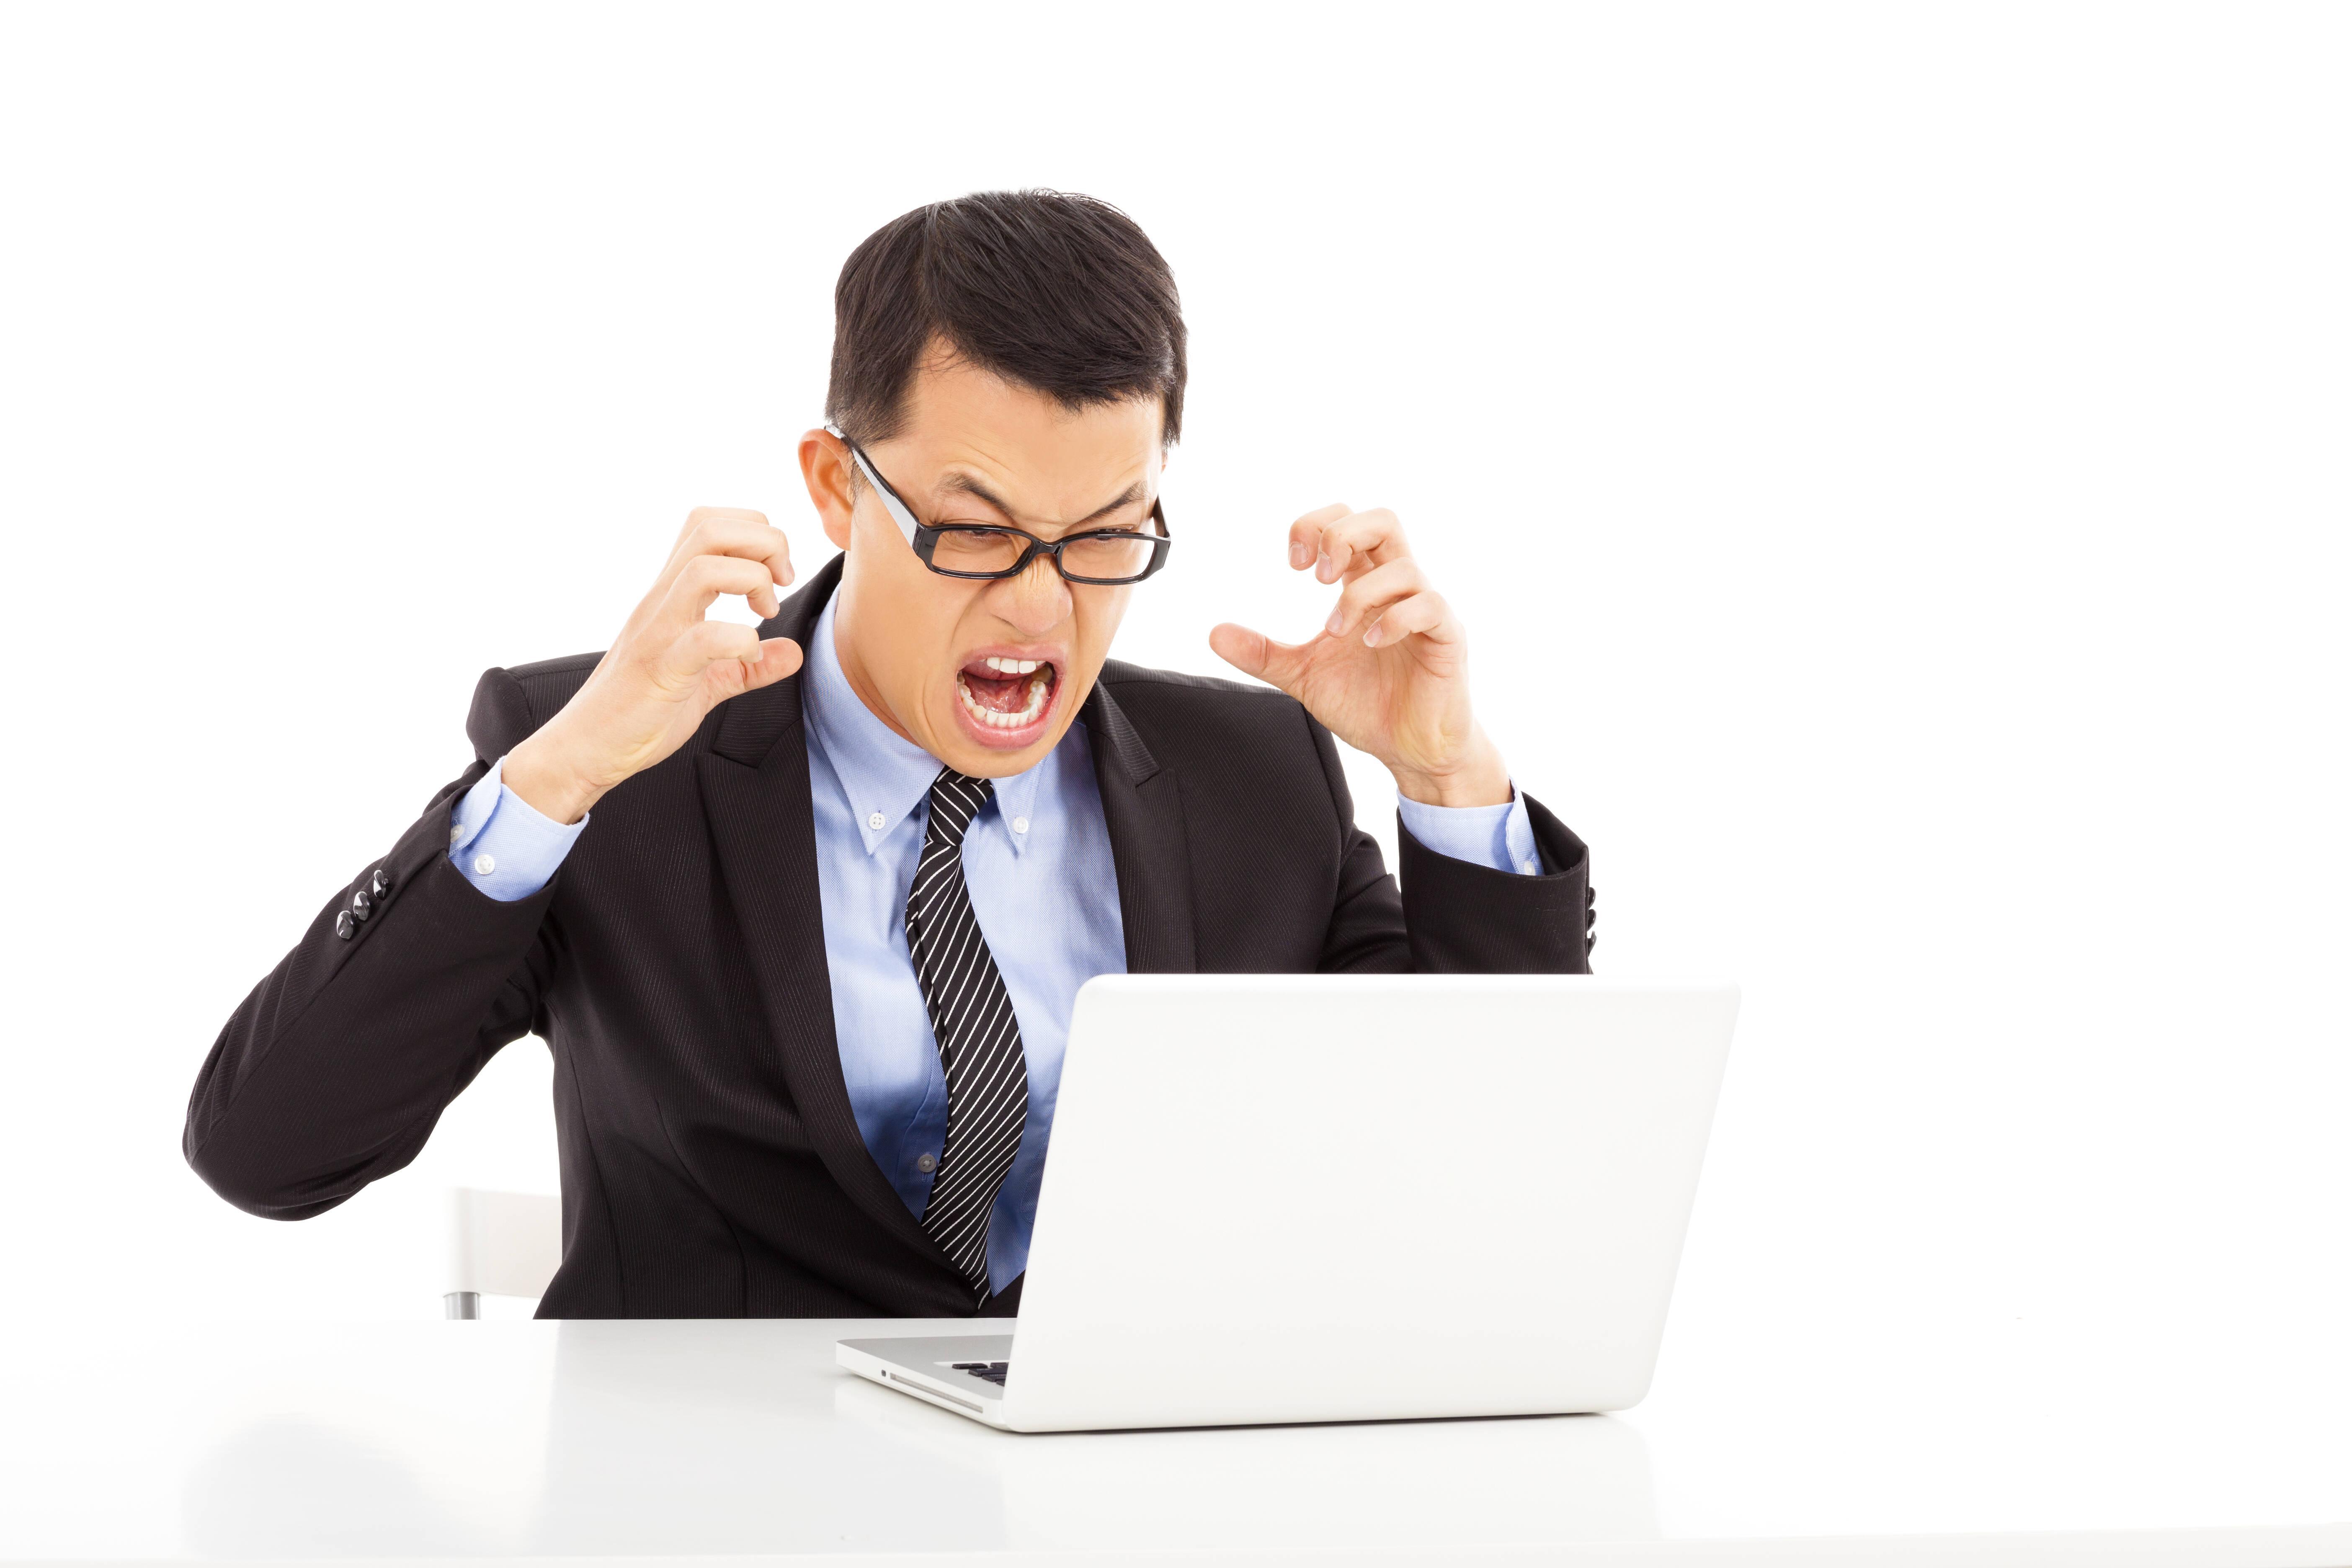 Es ist ärgerlich, wenn web.de oder andere Email-Anbieter down sind